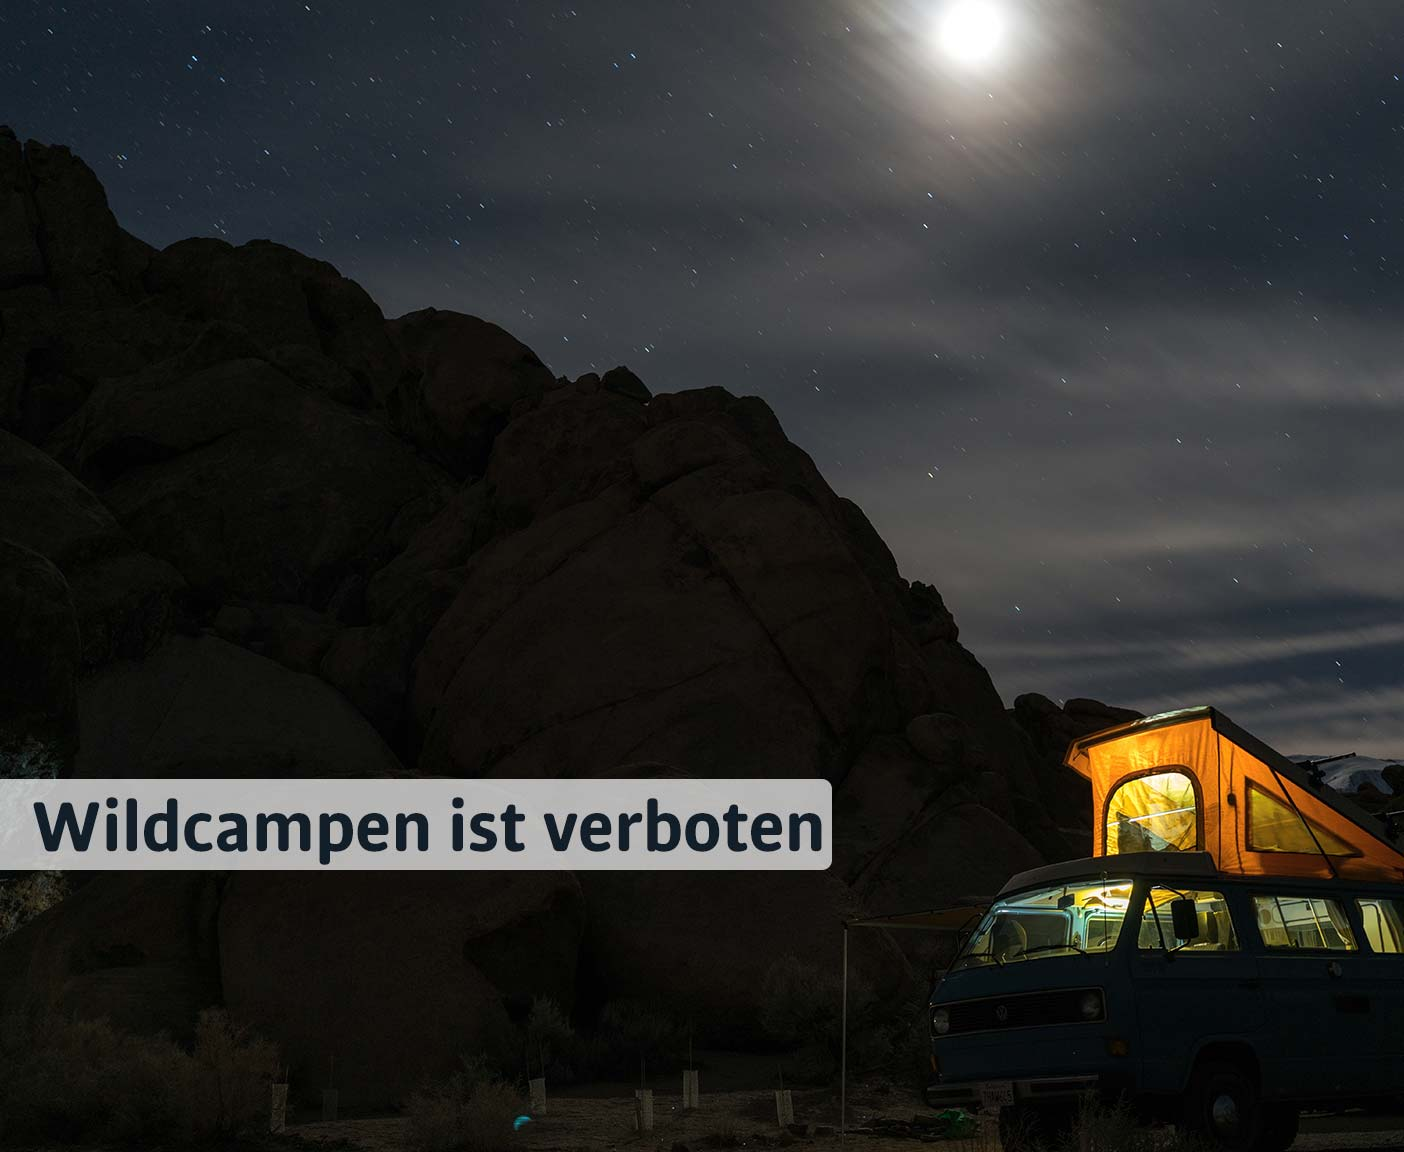 Campervan steht in der Nacht an einem Berg, wildcampen im Mondschein, Camping in Österreich mit Paulcamper